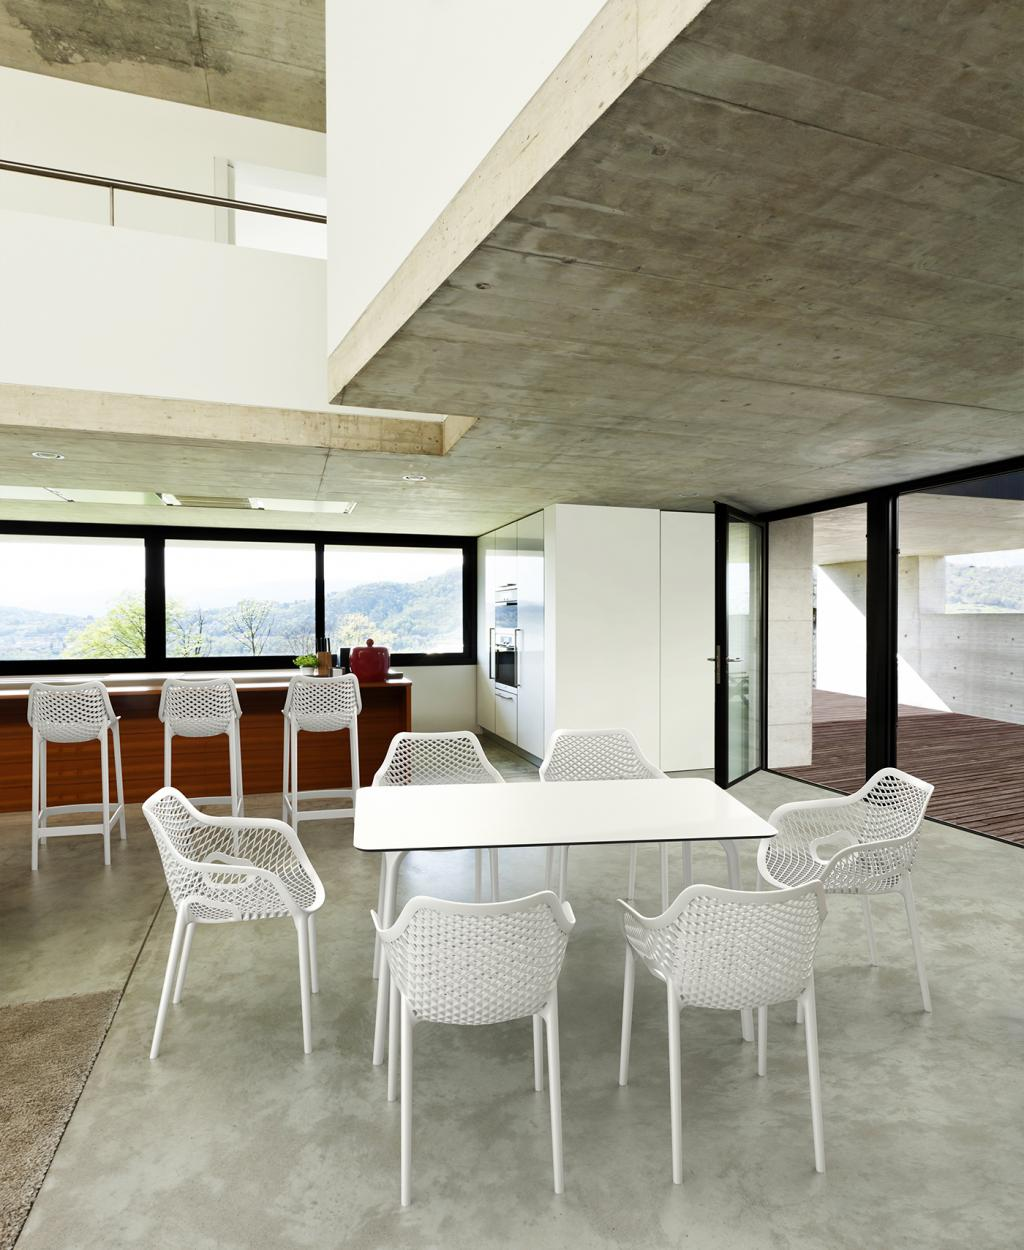 Cabin Living Gartenstuhl Air XL Weiß